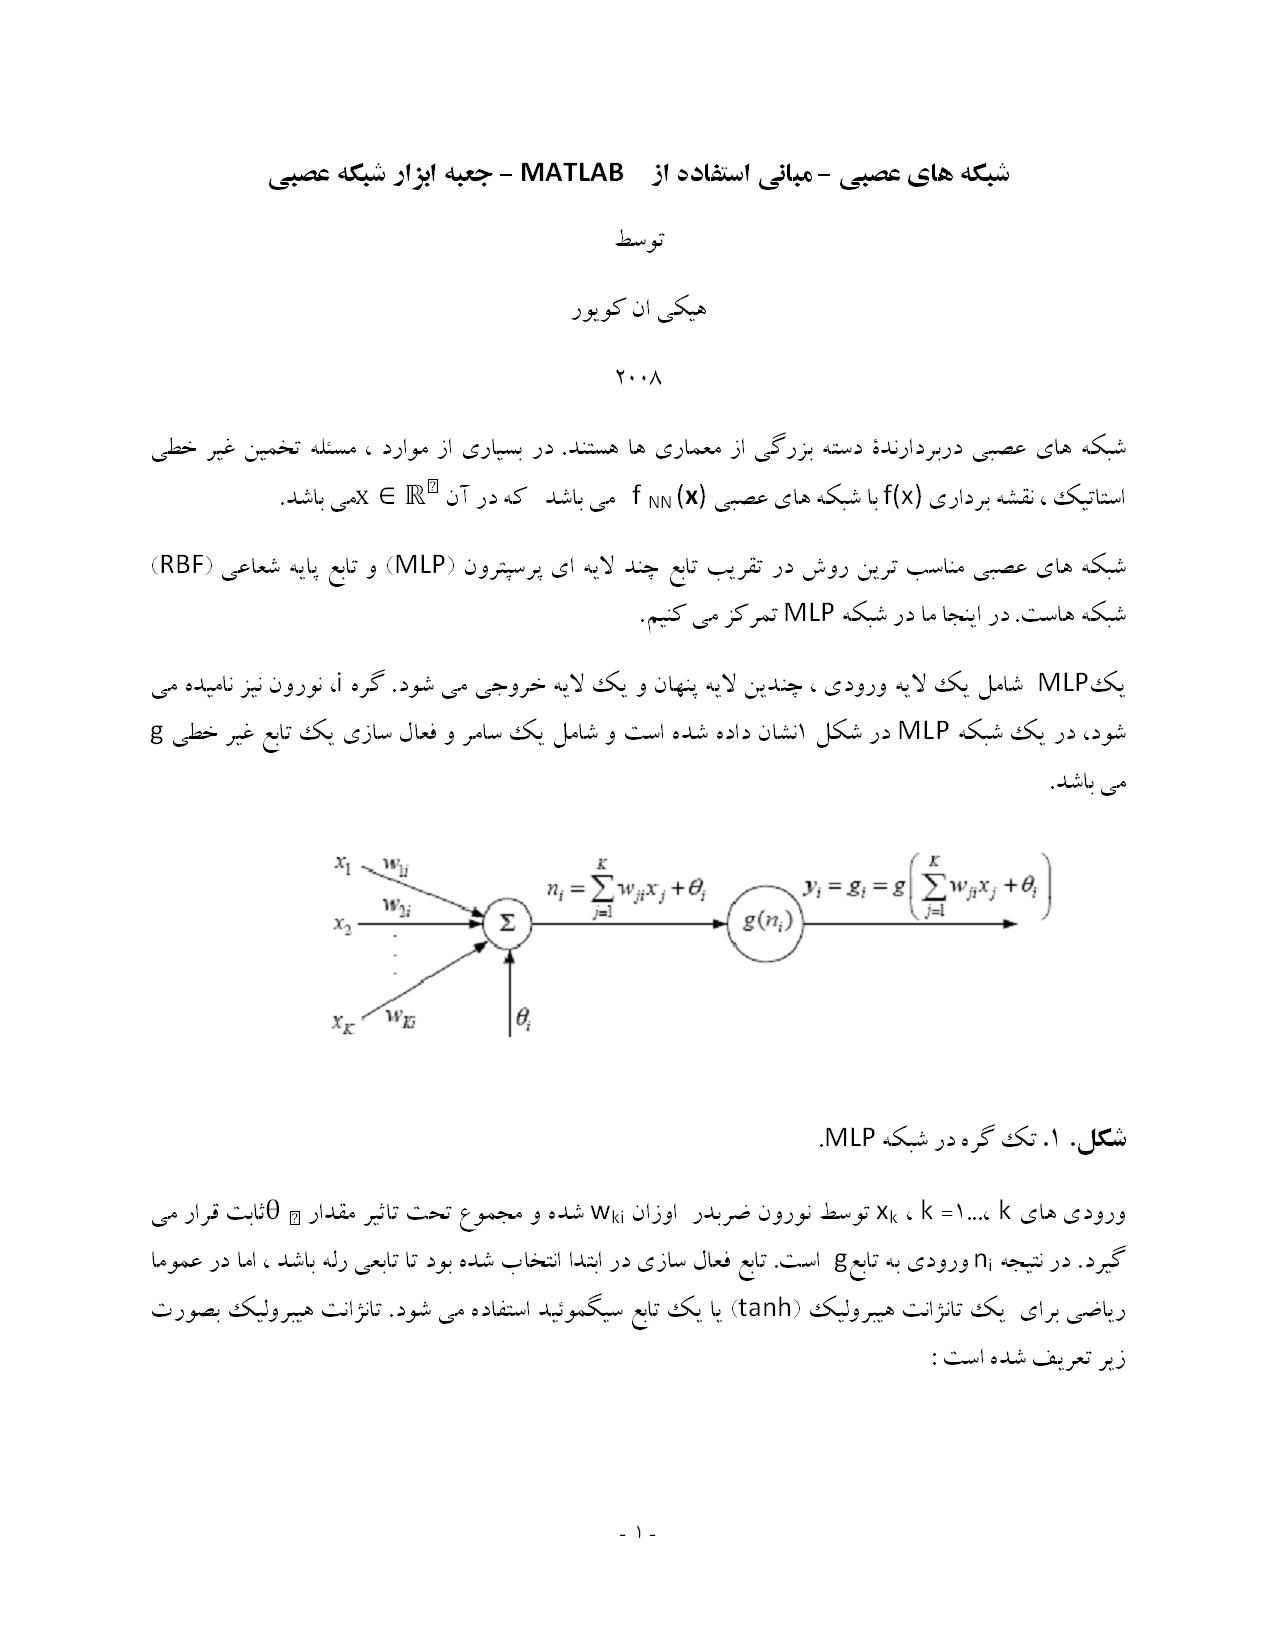 ترجمه مقاله و تحقیق - شبکه های عصبی مبانی استفاده از mattab جعبه ابزار شبکه عصبی 45